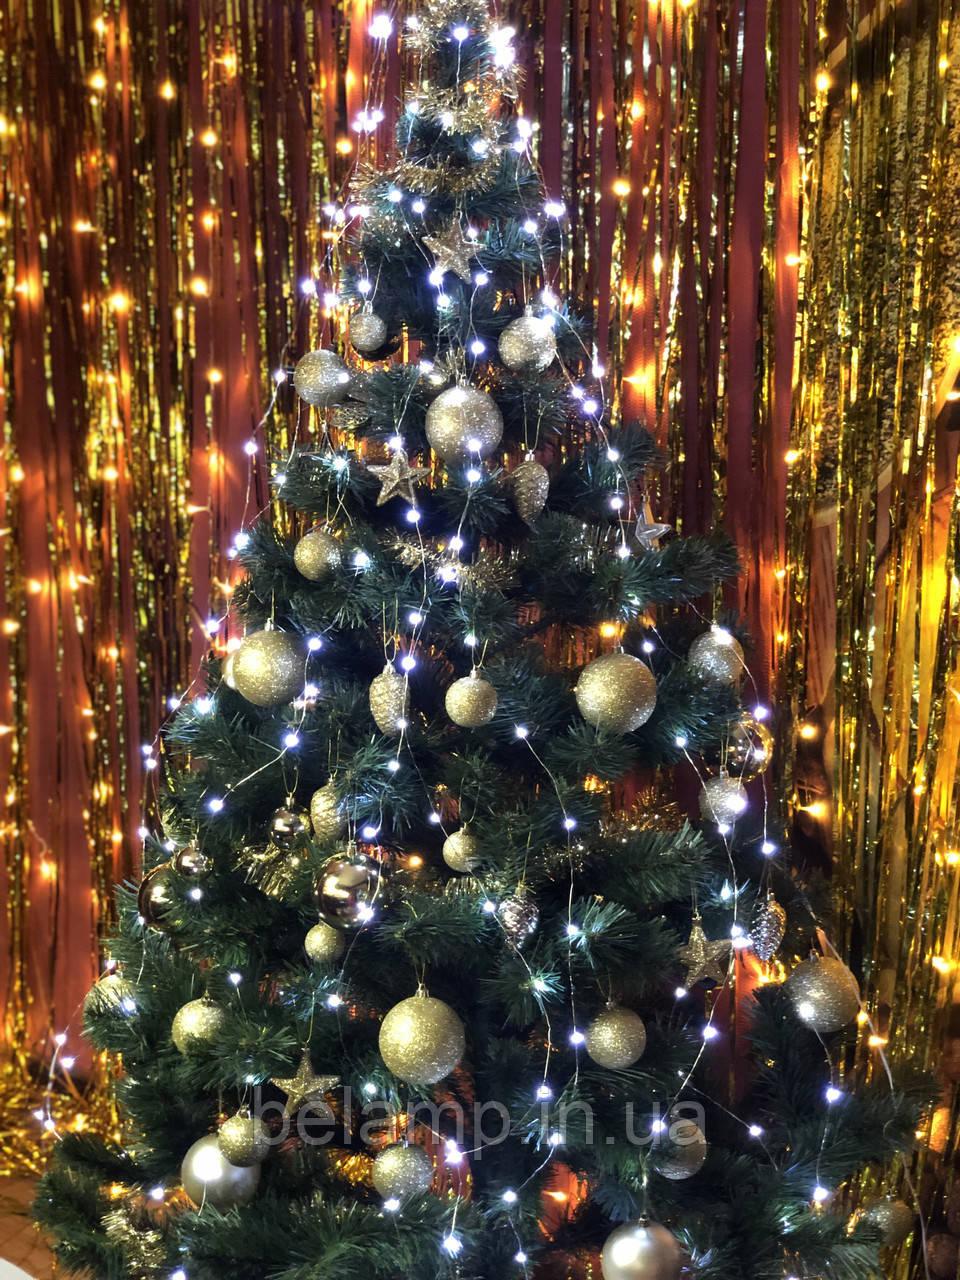 Новогодняя гирлянда на елку конский хвост «Белые огни»